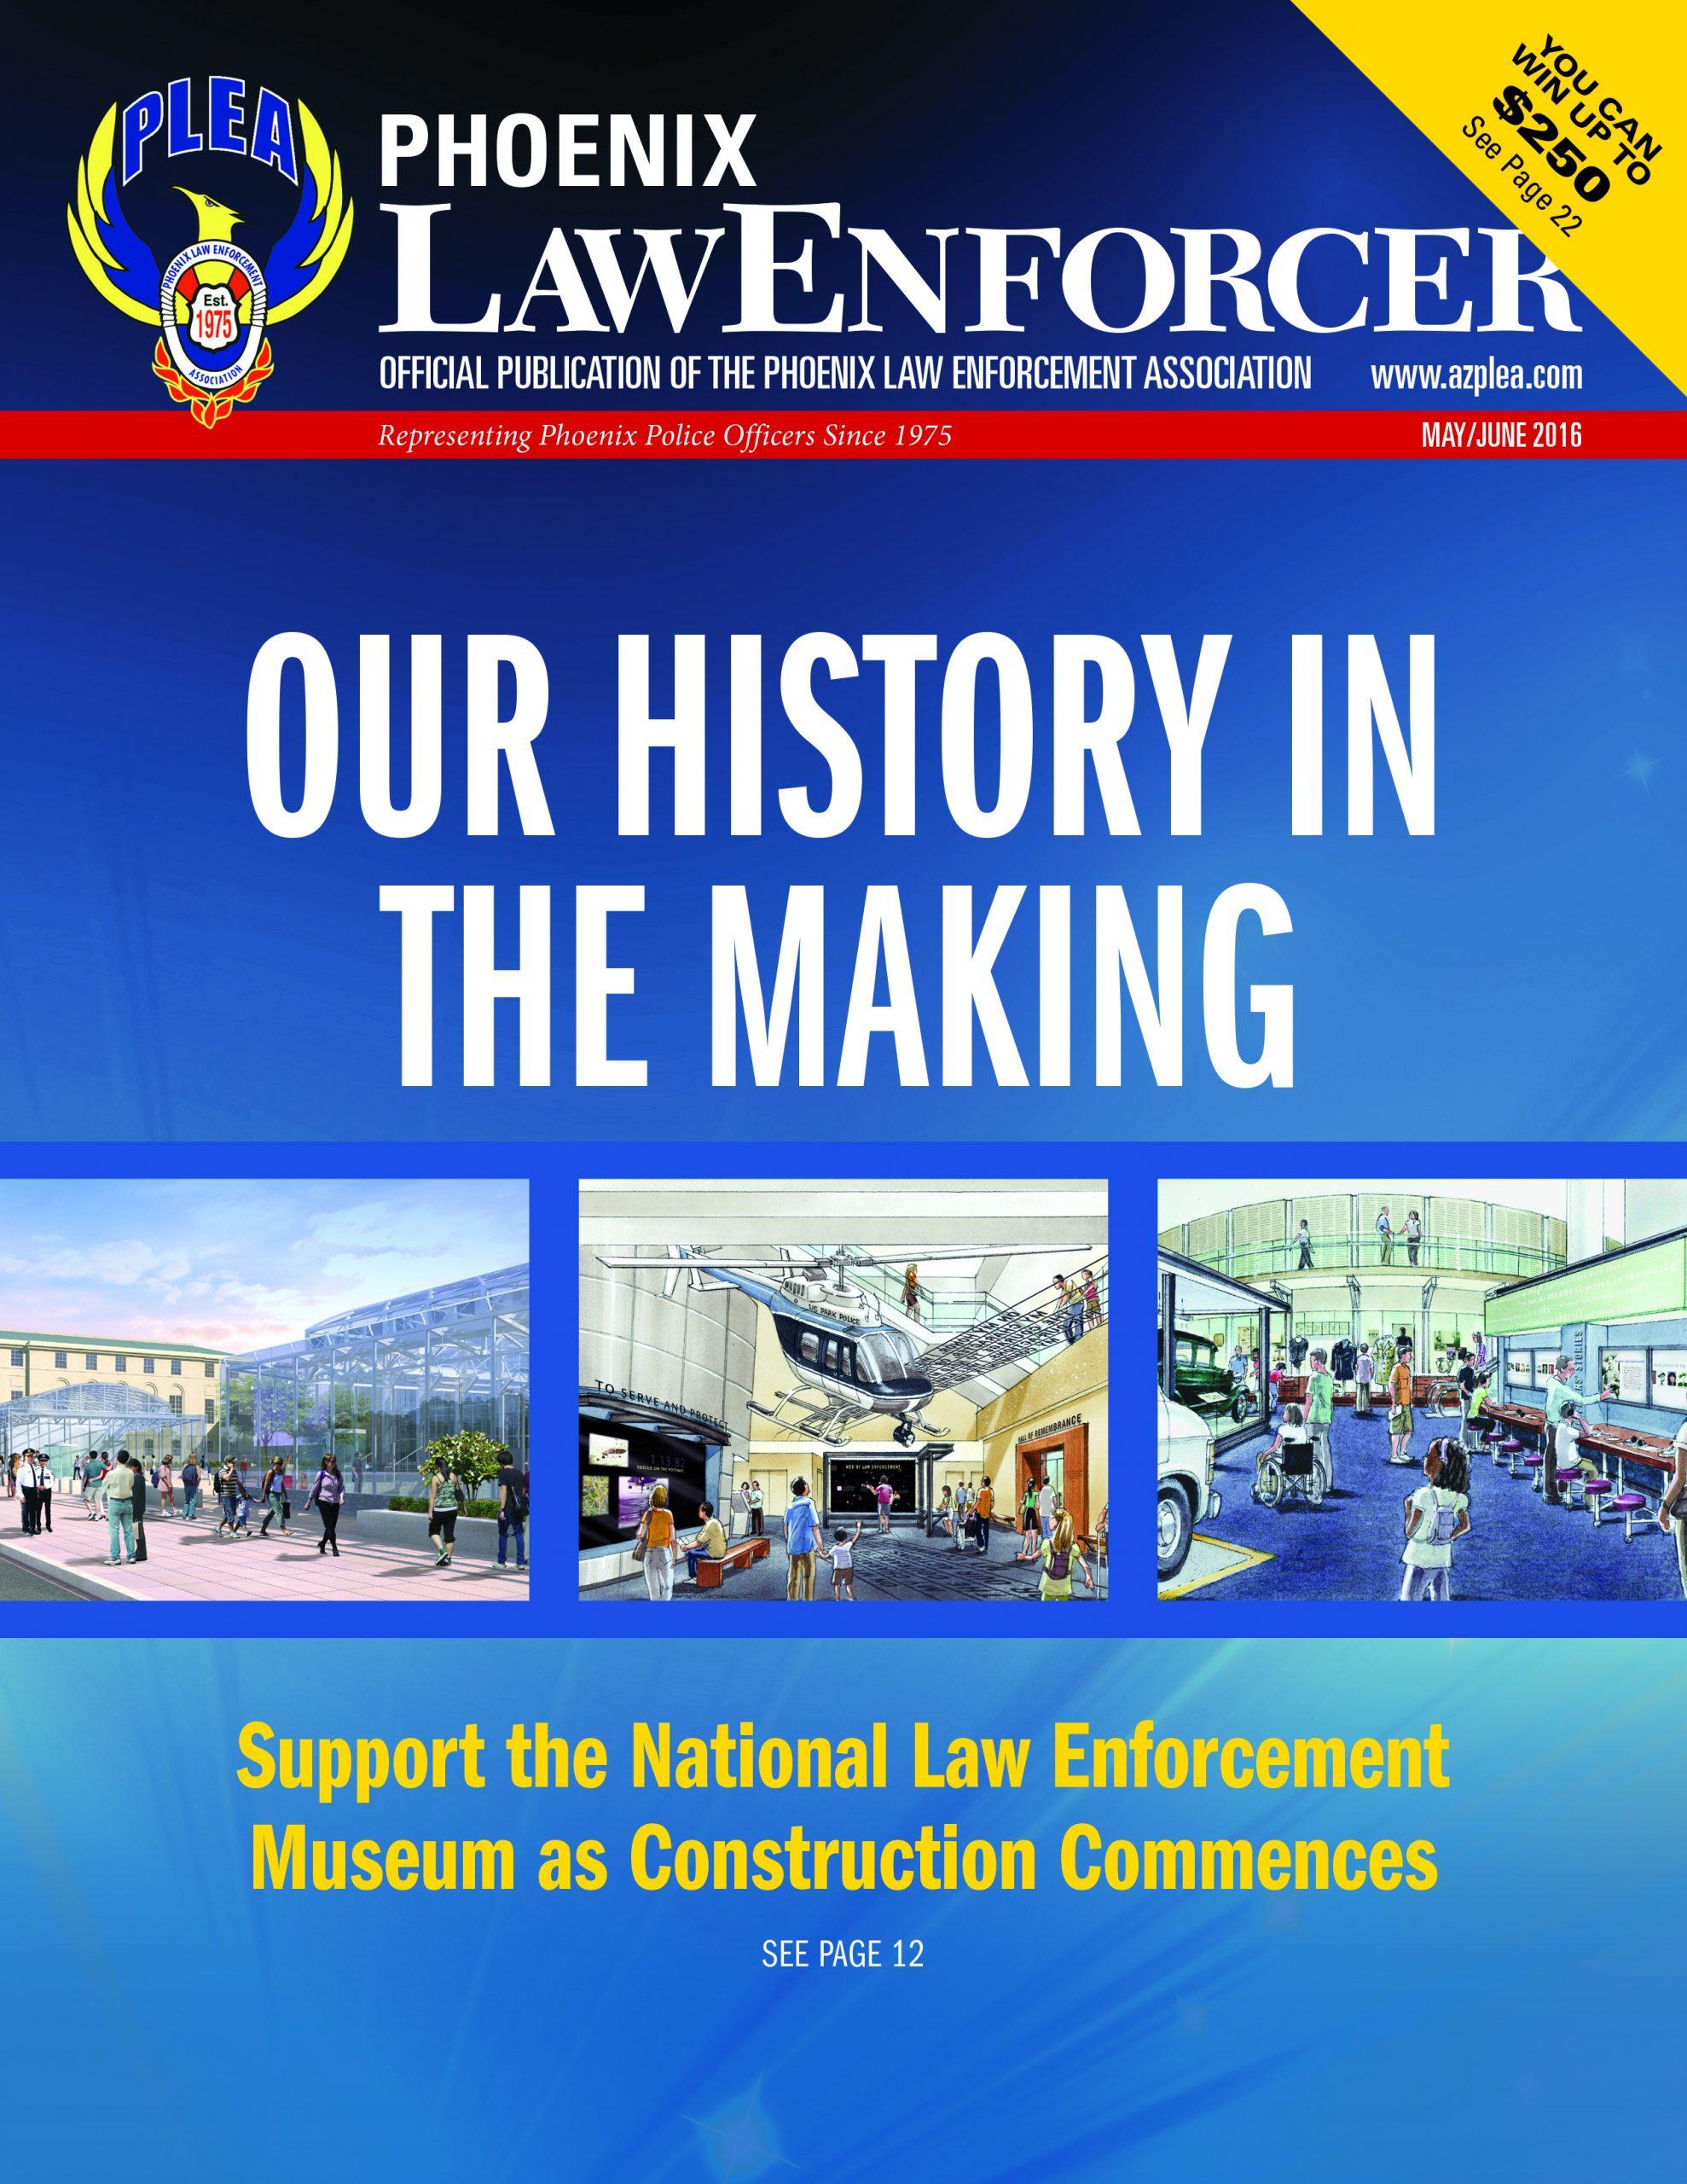 Phoenix Law Enforcer – May/June 2016